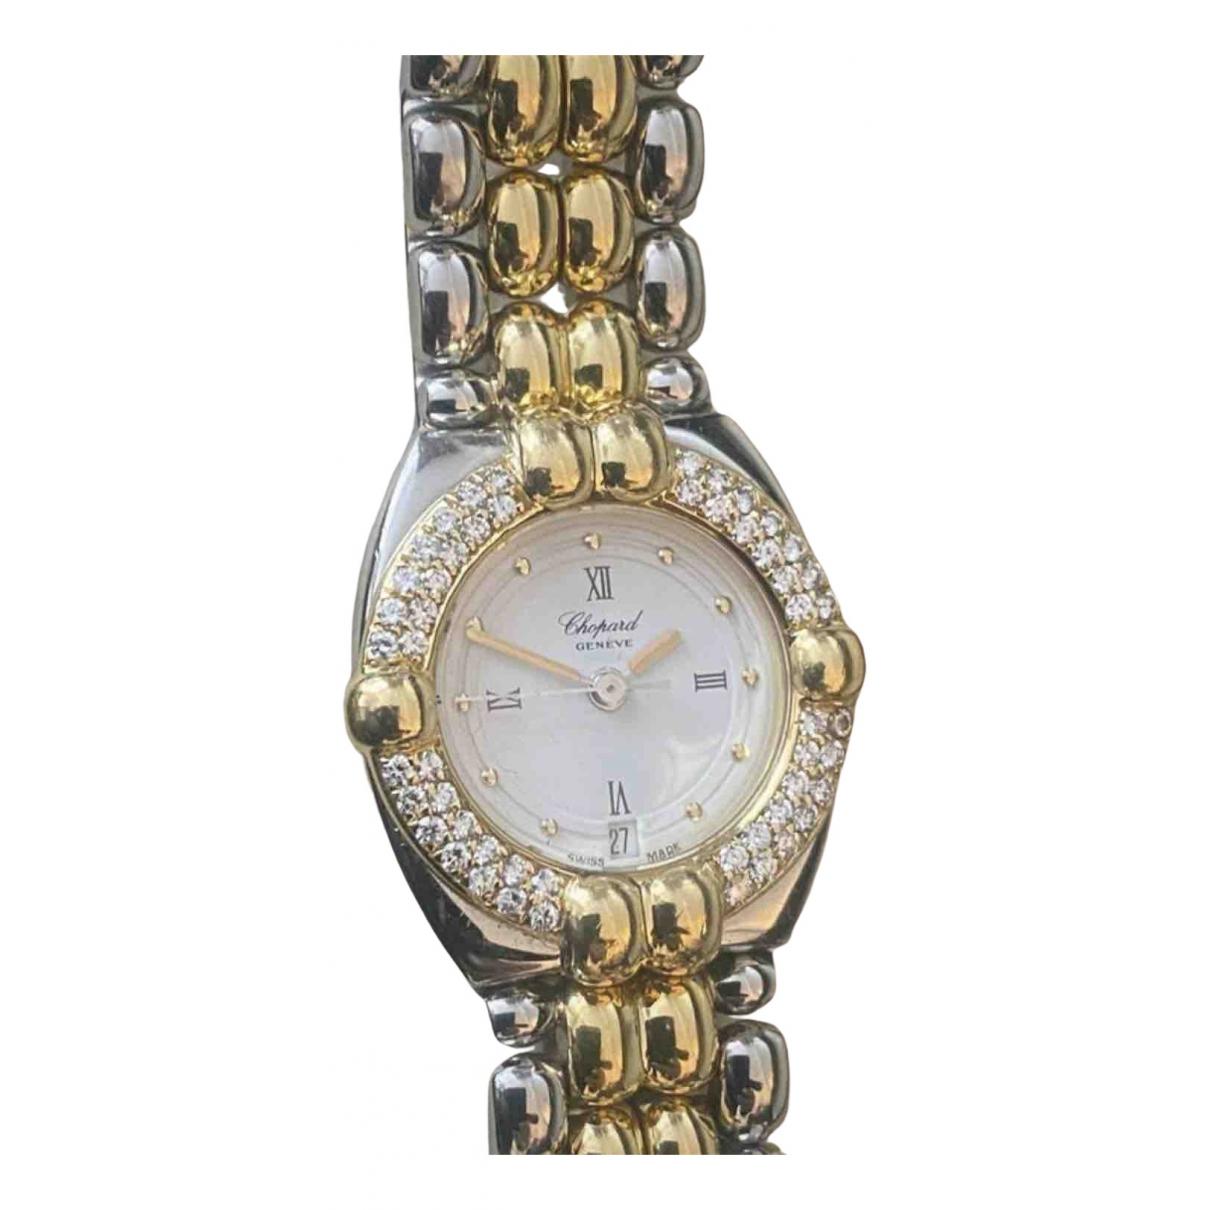 Chopard \N Uhr in  Silber Gold und Stahl